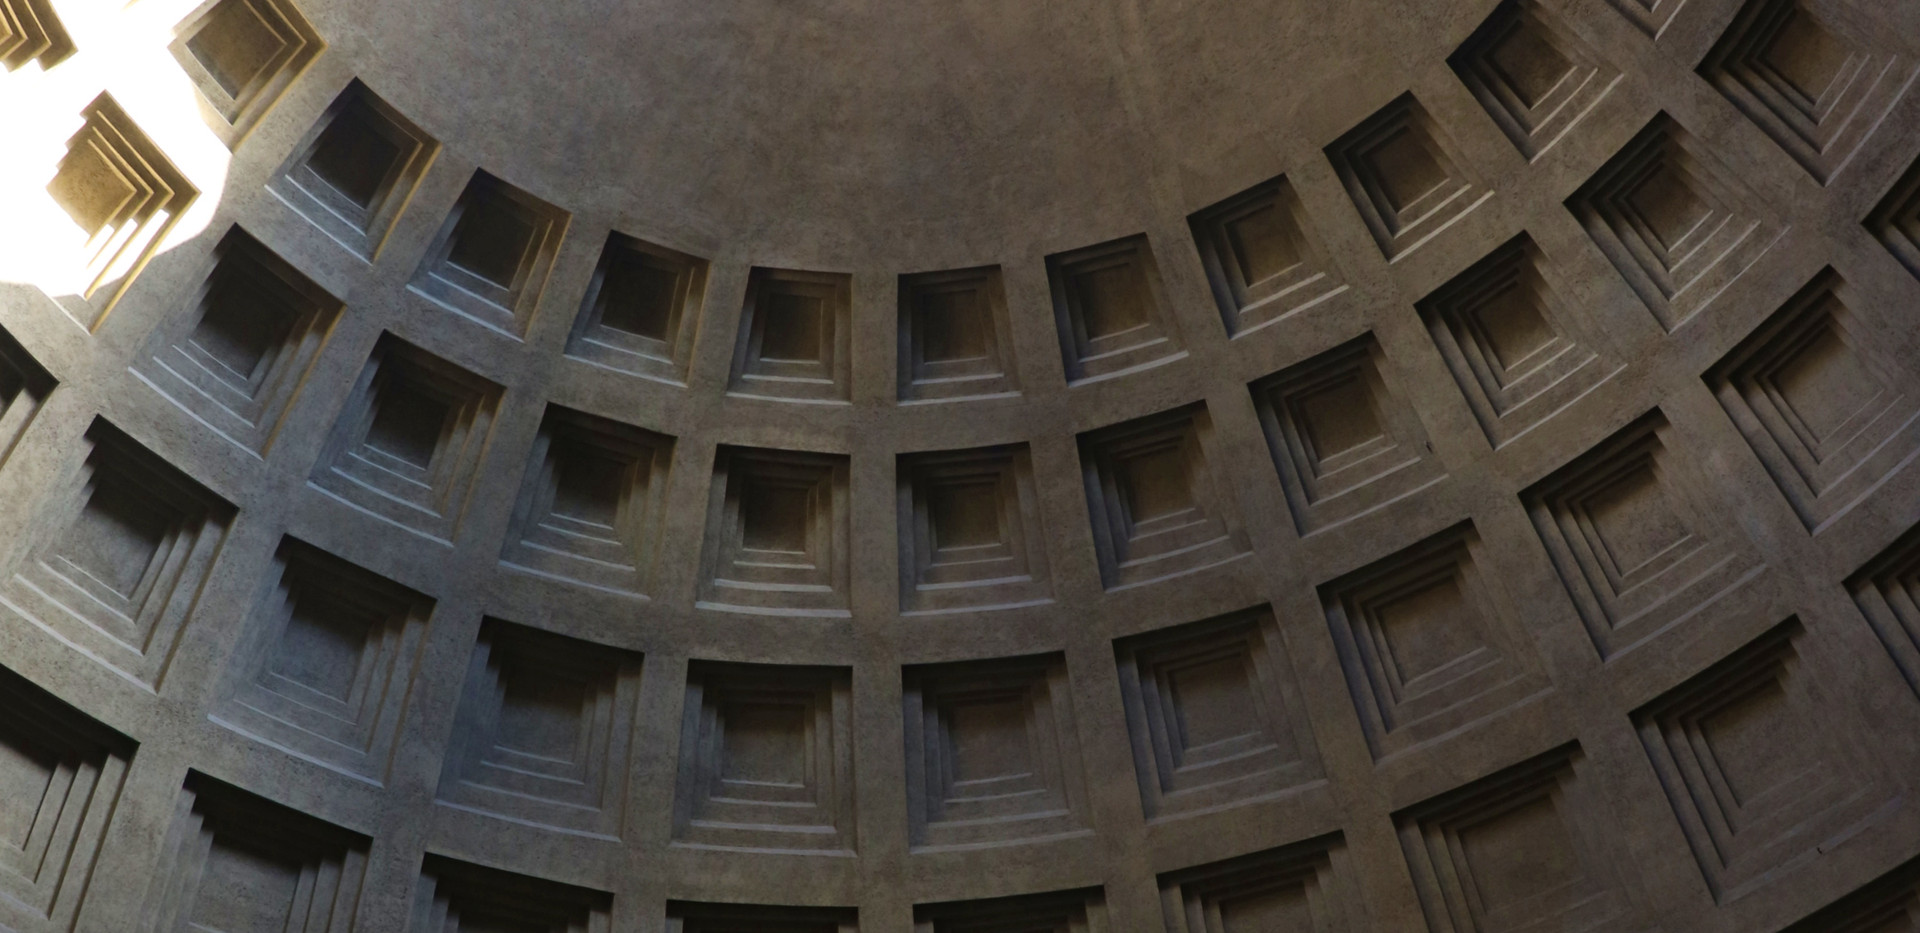 oculus.JPG